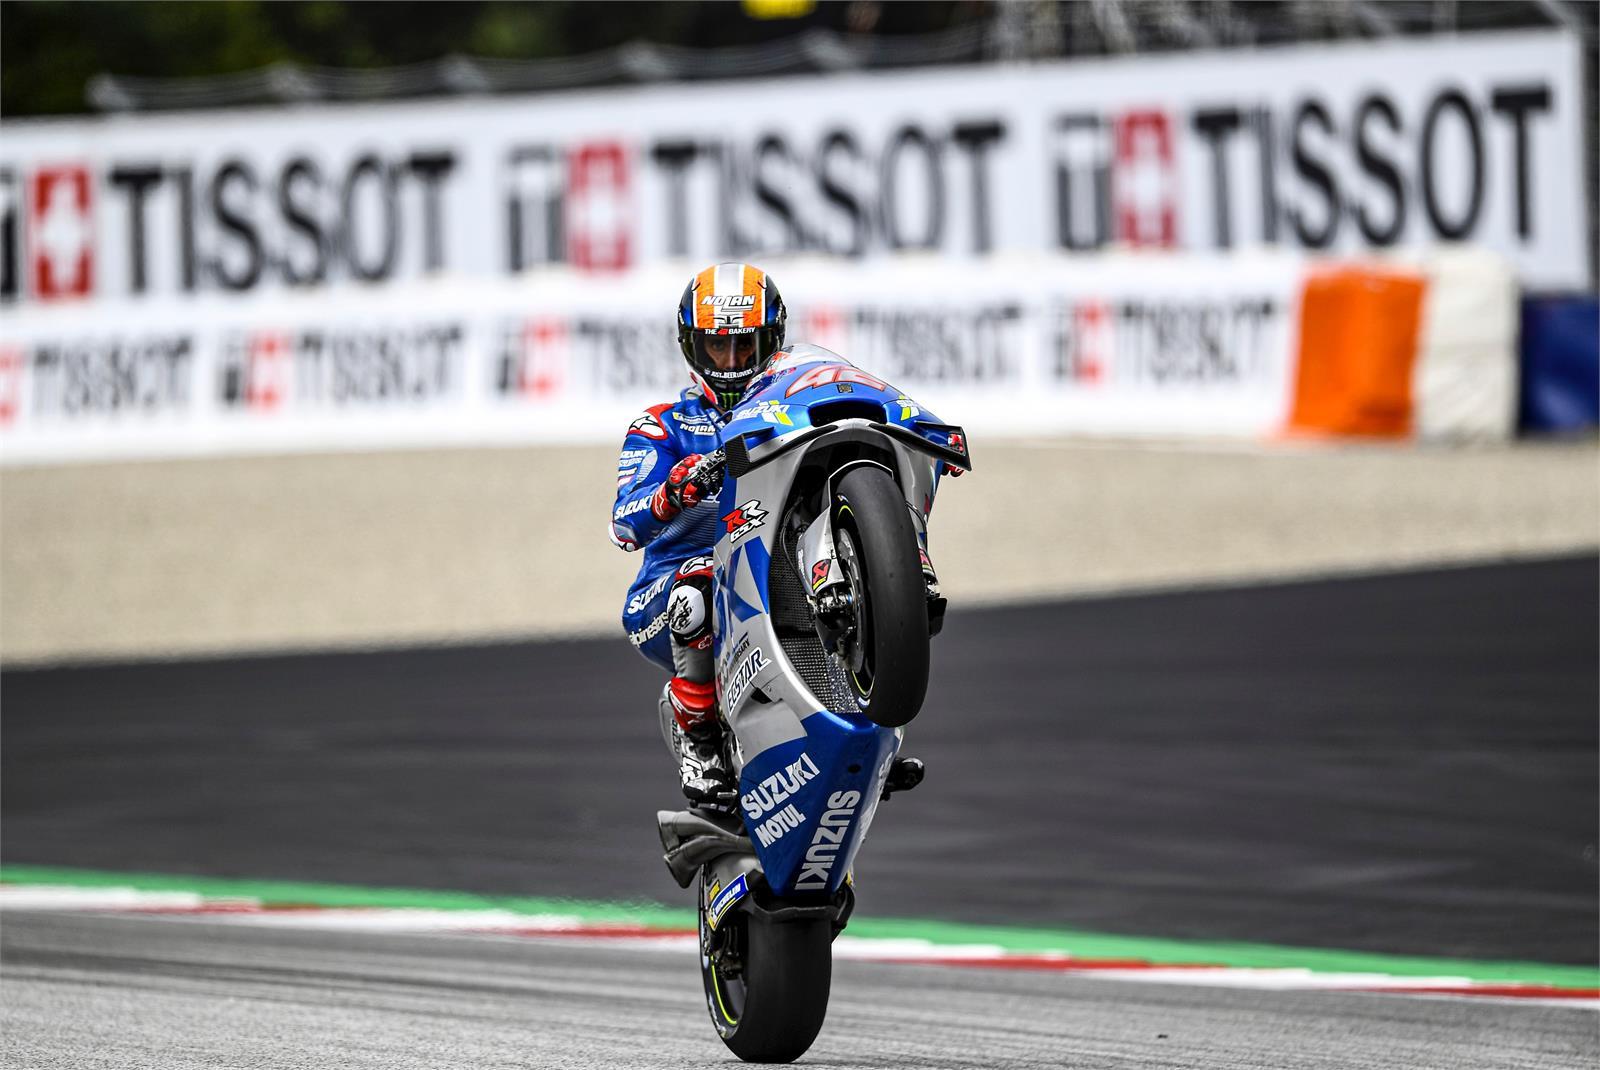 Alex Rins, Suzuki Ecstar, MotoGP Austria 2020